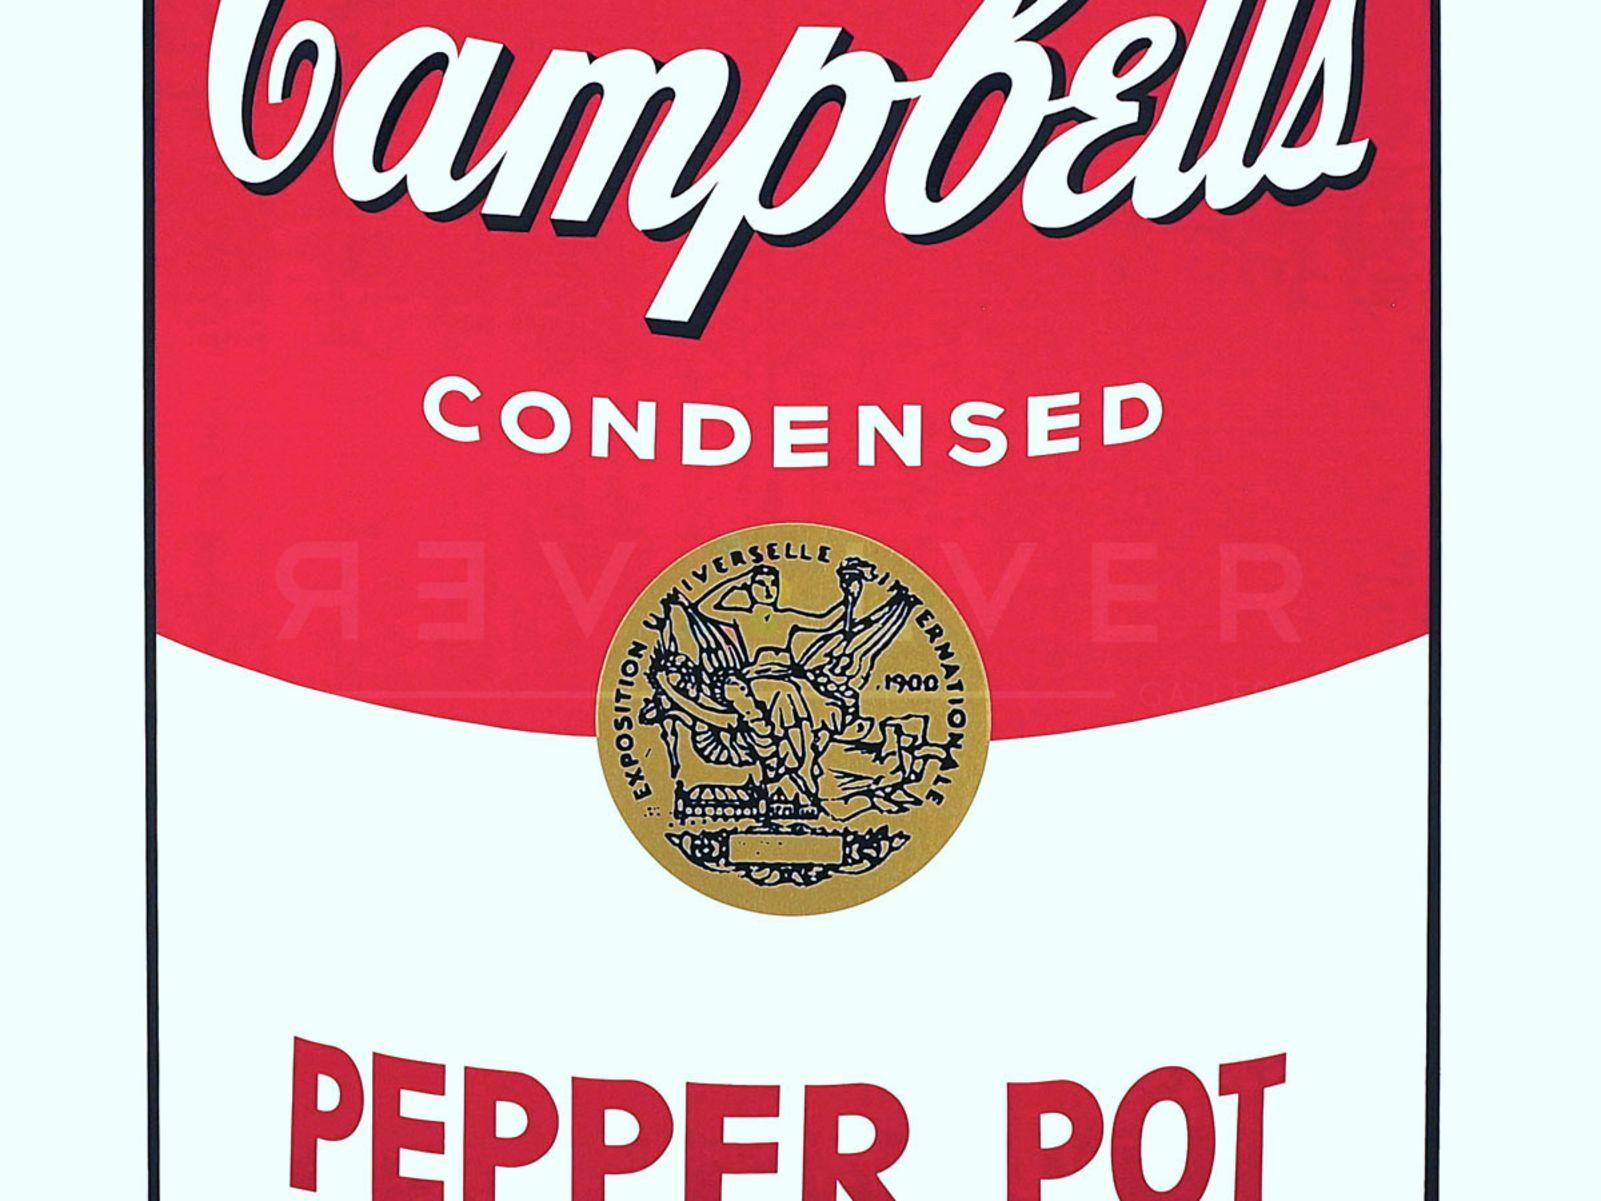 Andy warhol campbells soup i pepper pot ysqce5